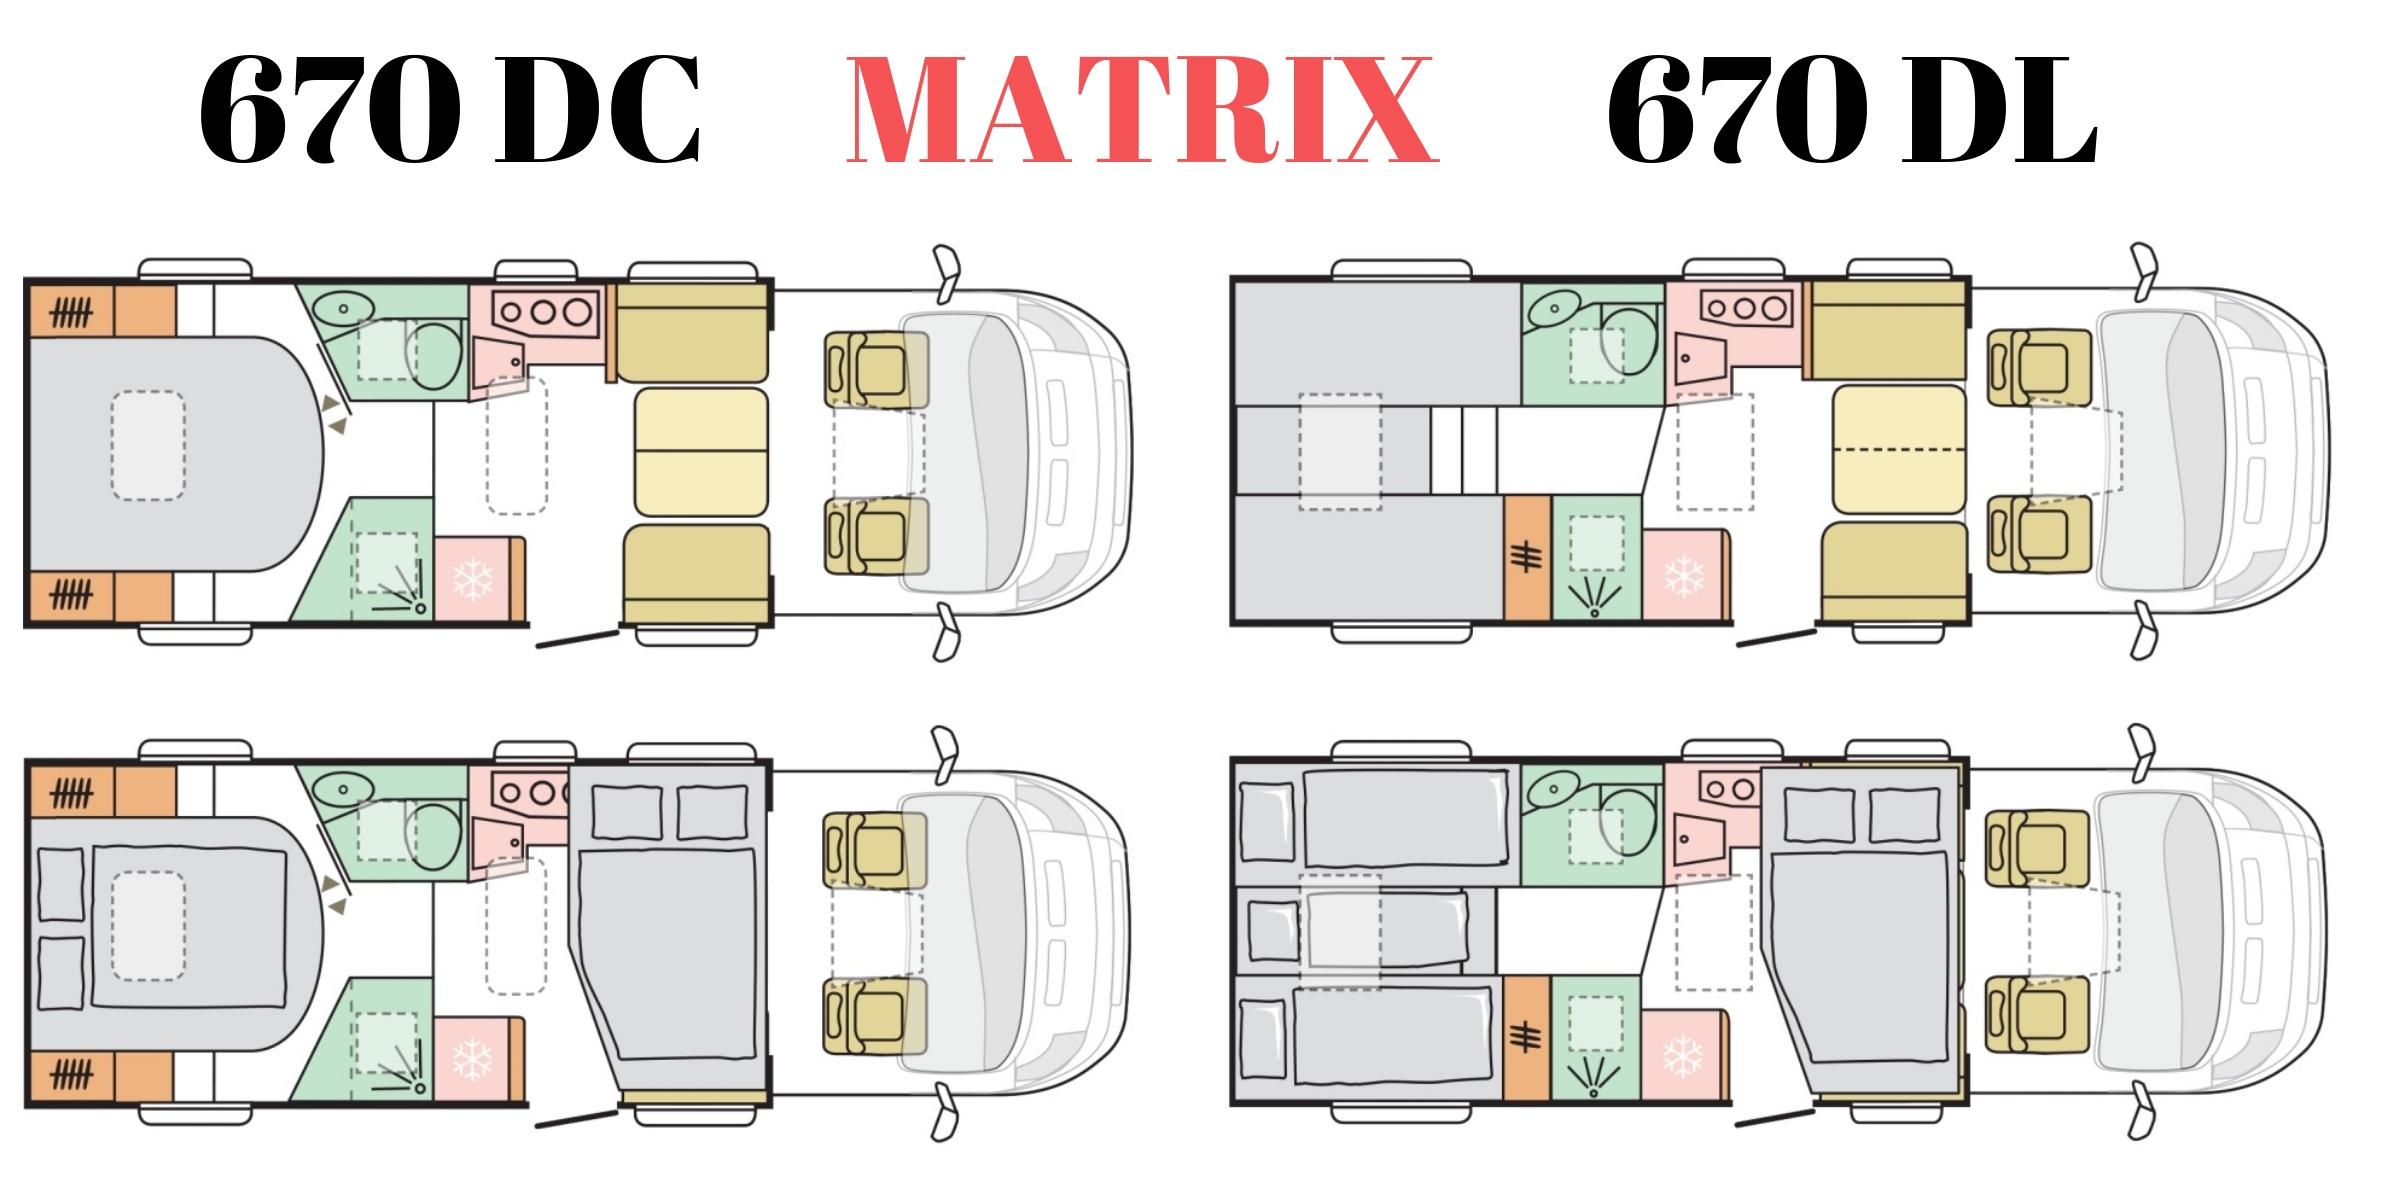 Новые планировкм Matrix 670 DC и 670 DL